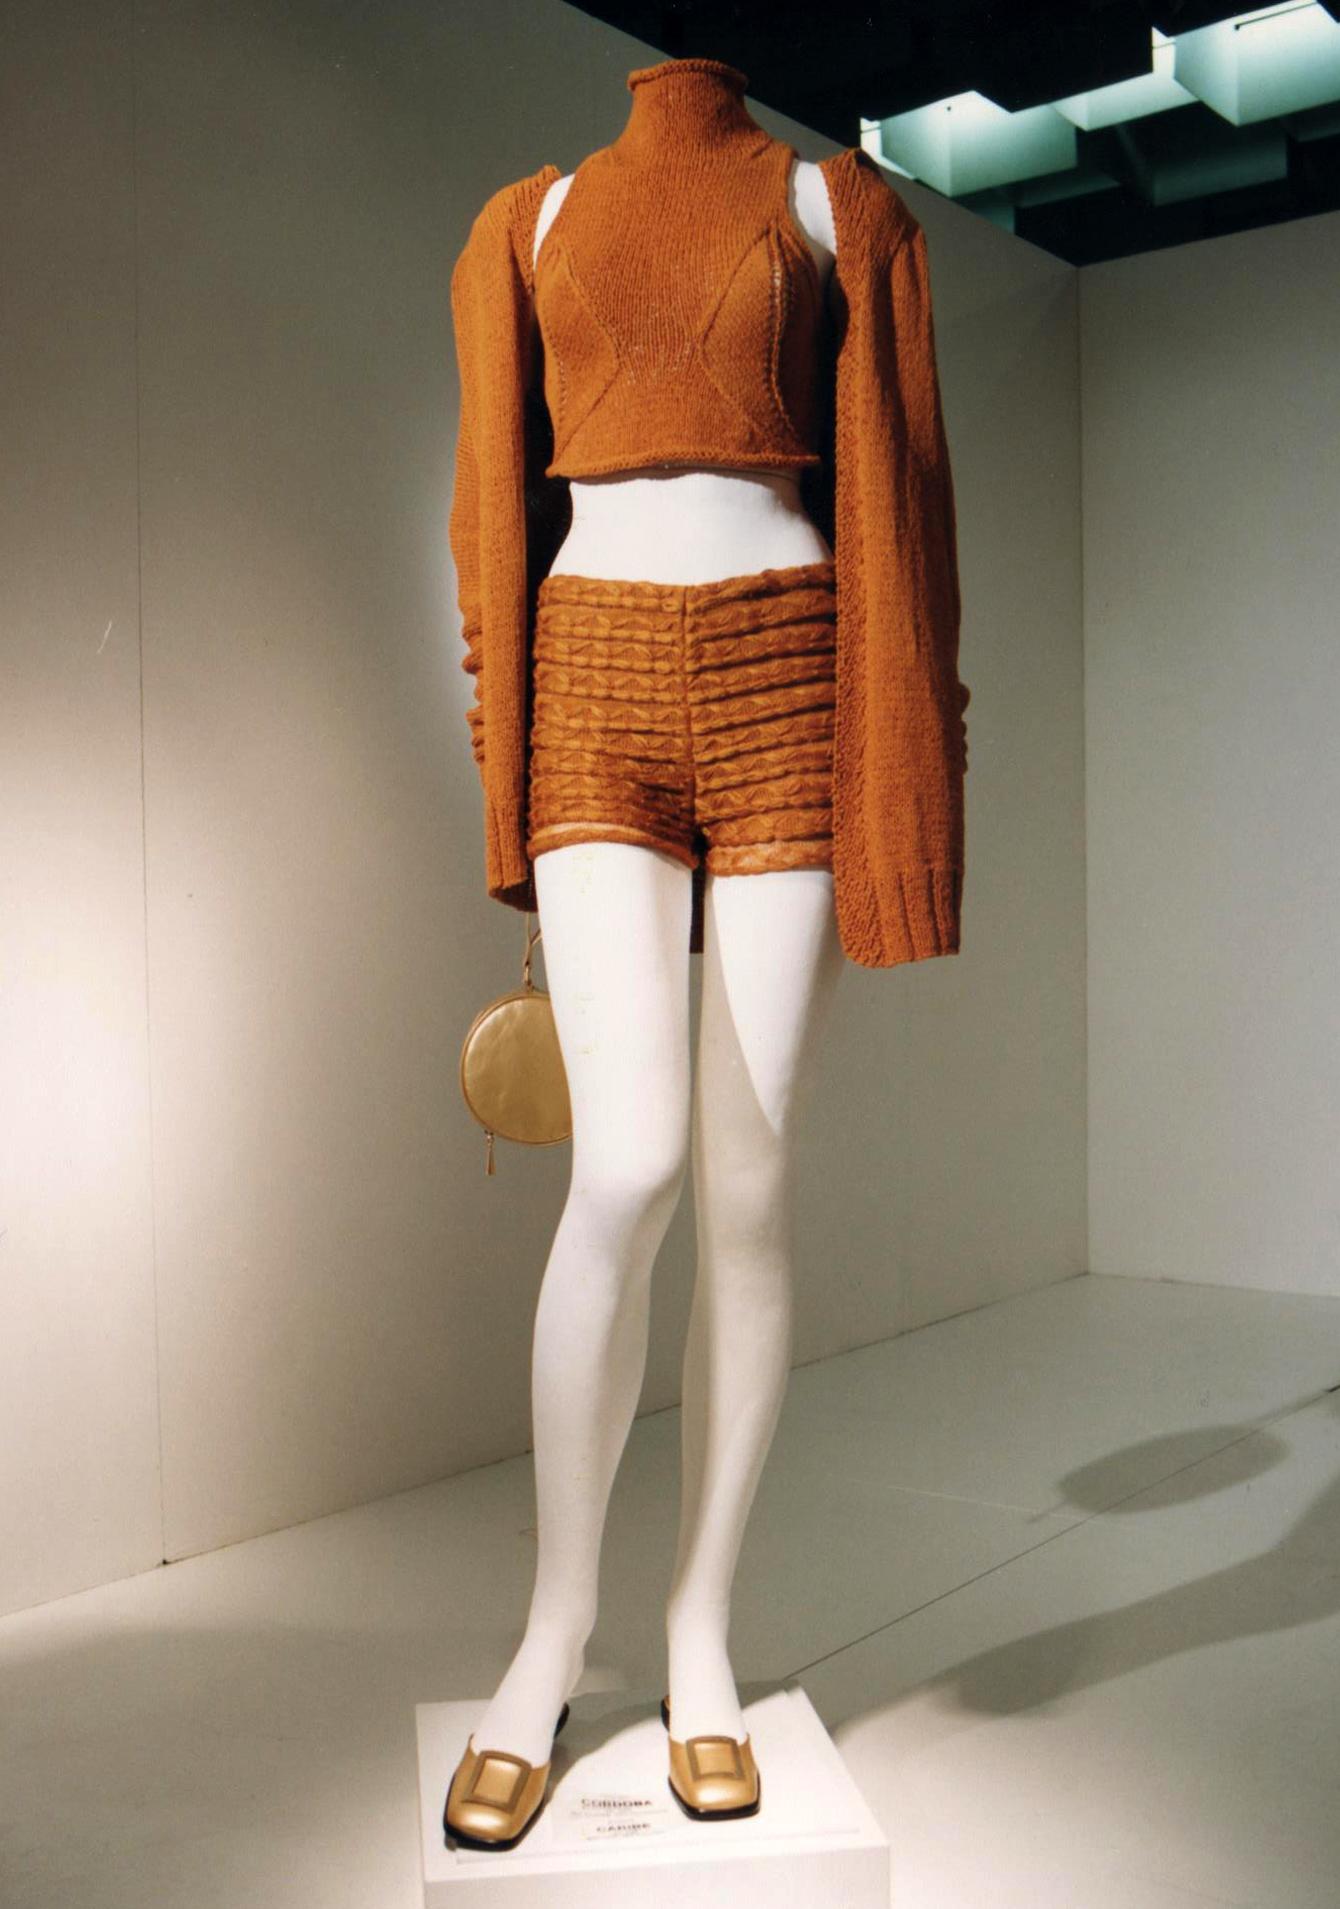 GiulianoeGiusyMarelli_ItalianSummer_2001_MadeInItaly_Knitwear_Design_2.jpg